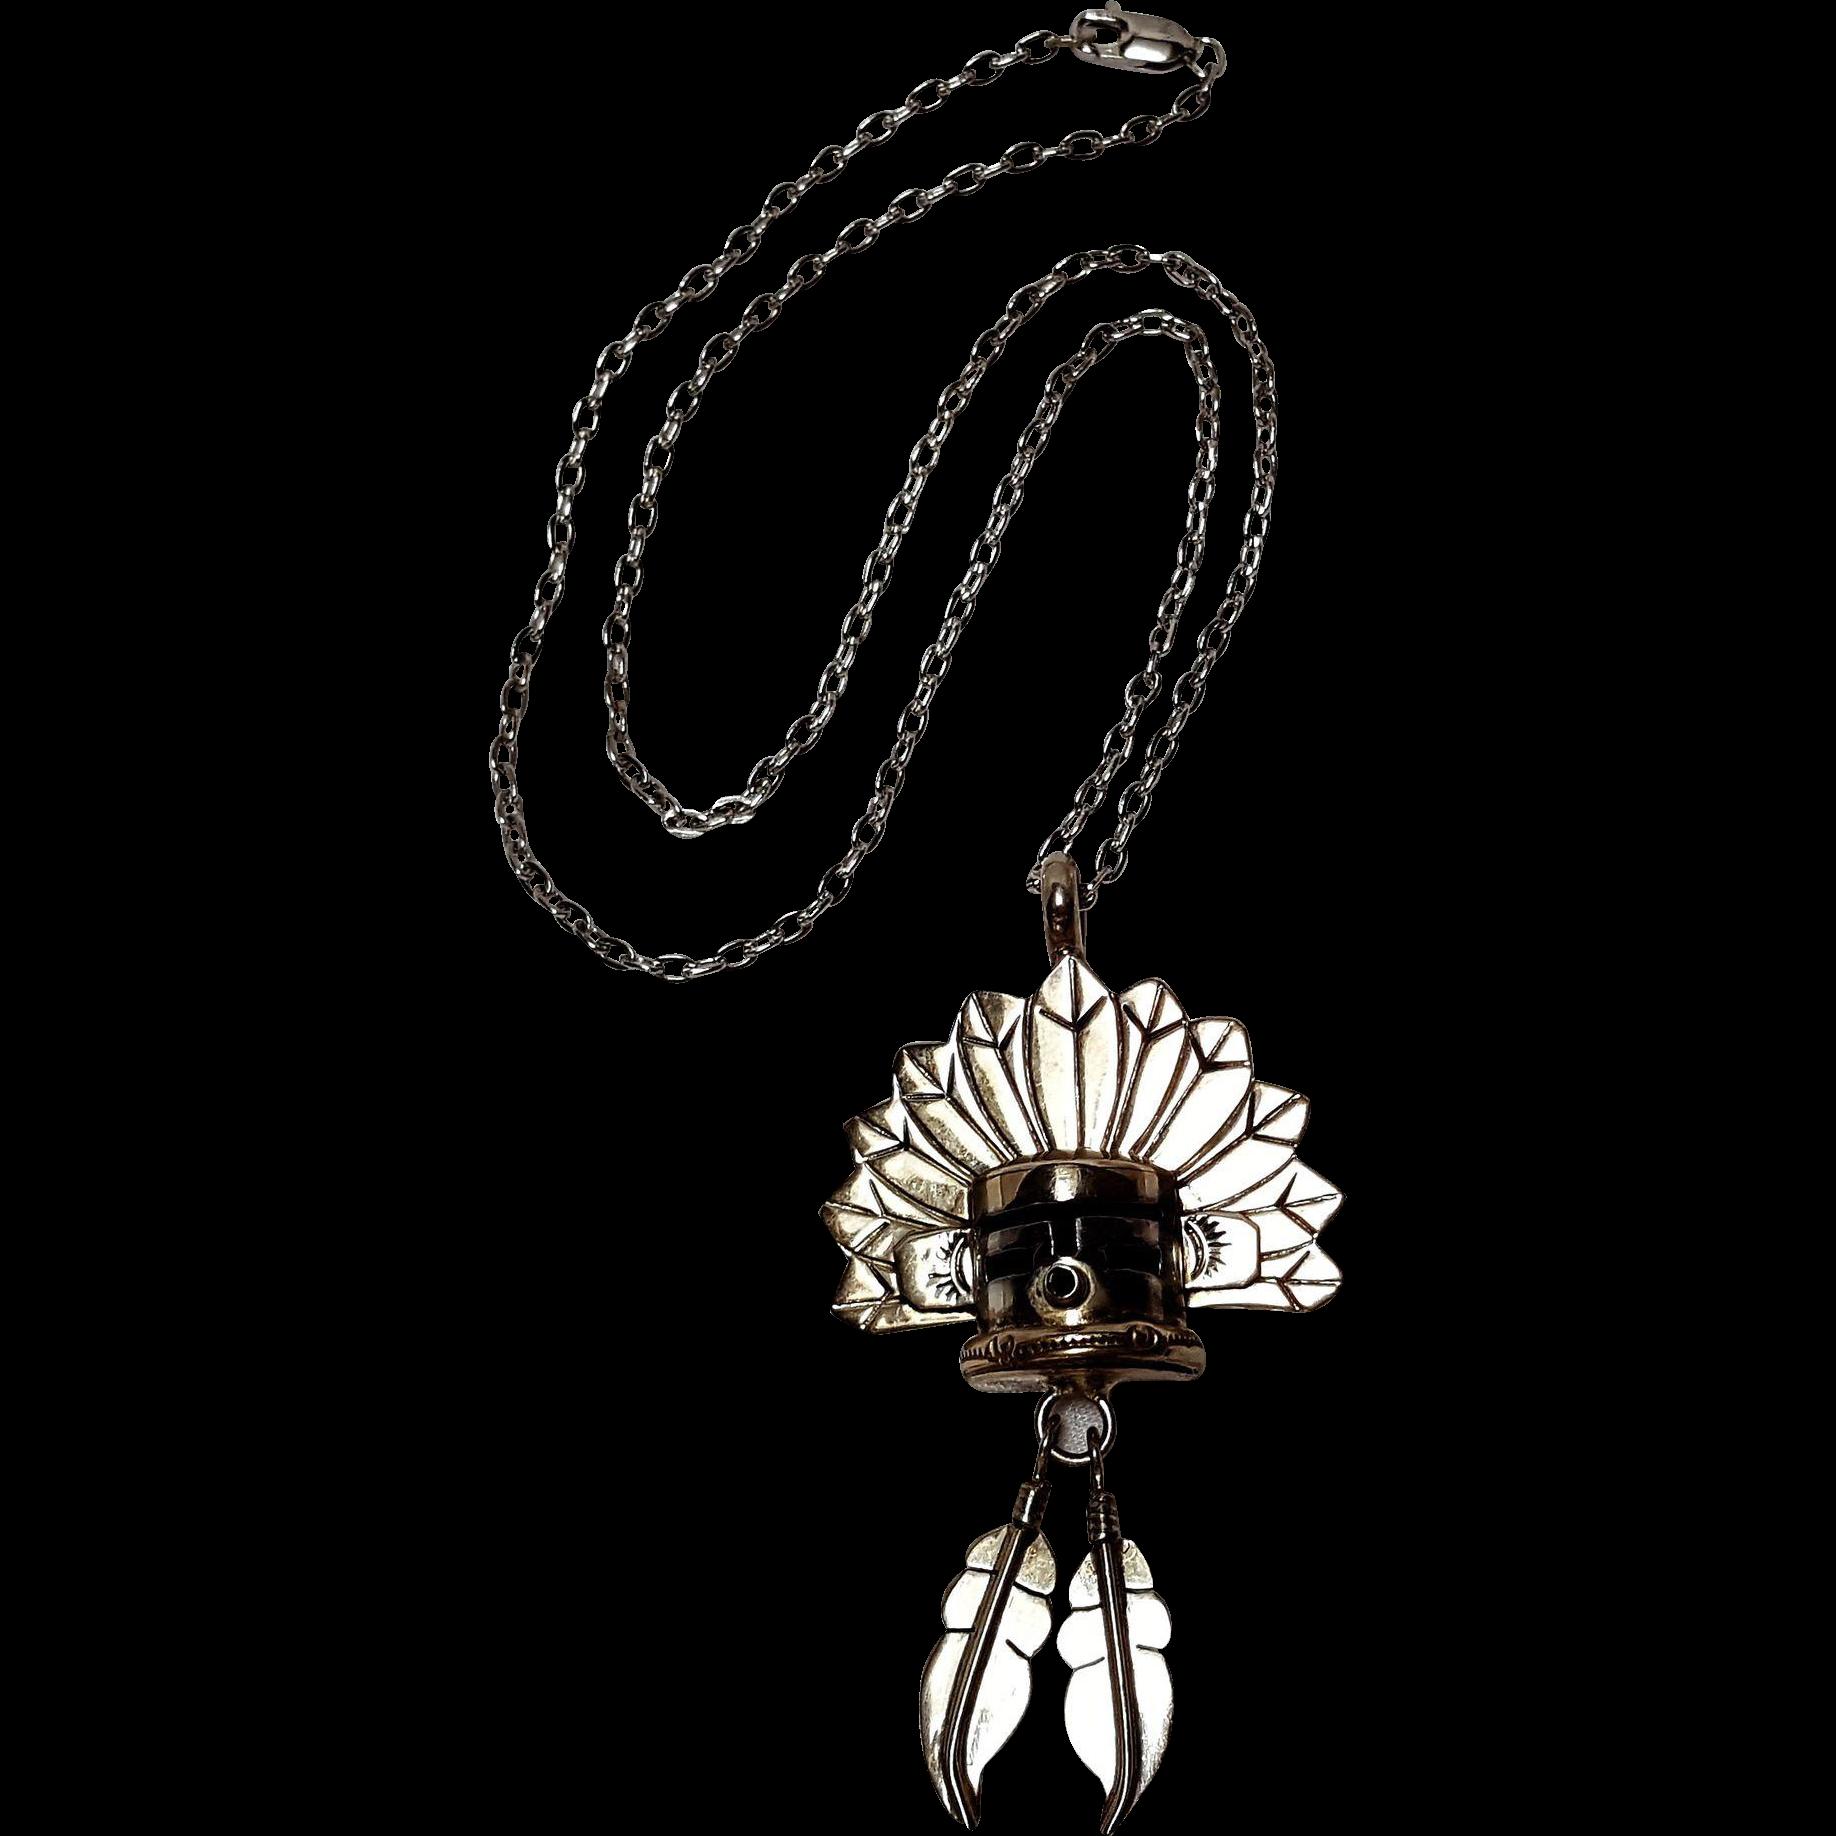 Gary G Southwest Kachina feathers pendant necklace